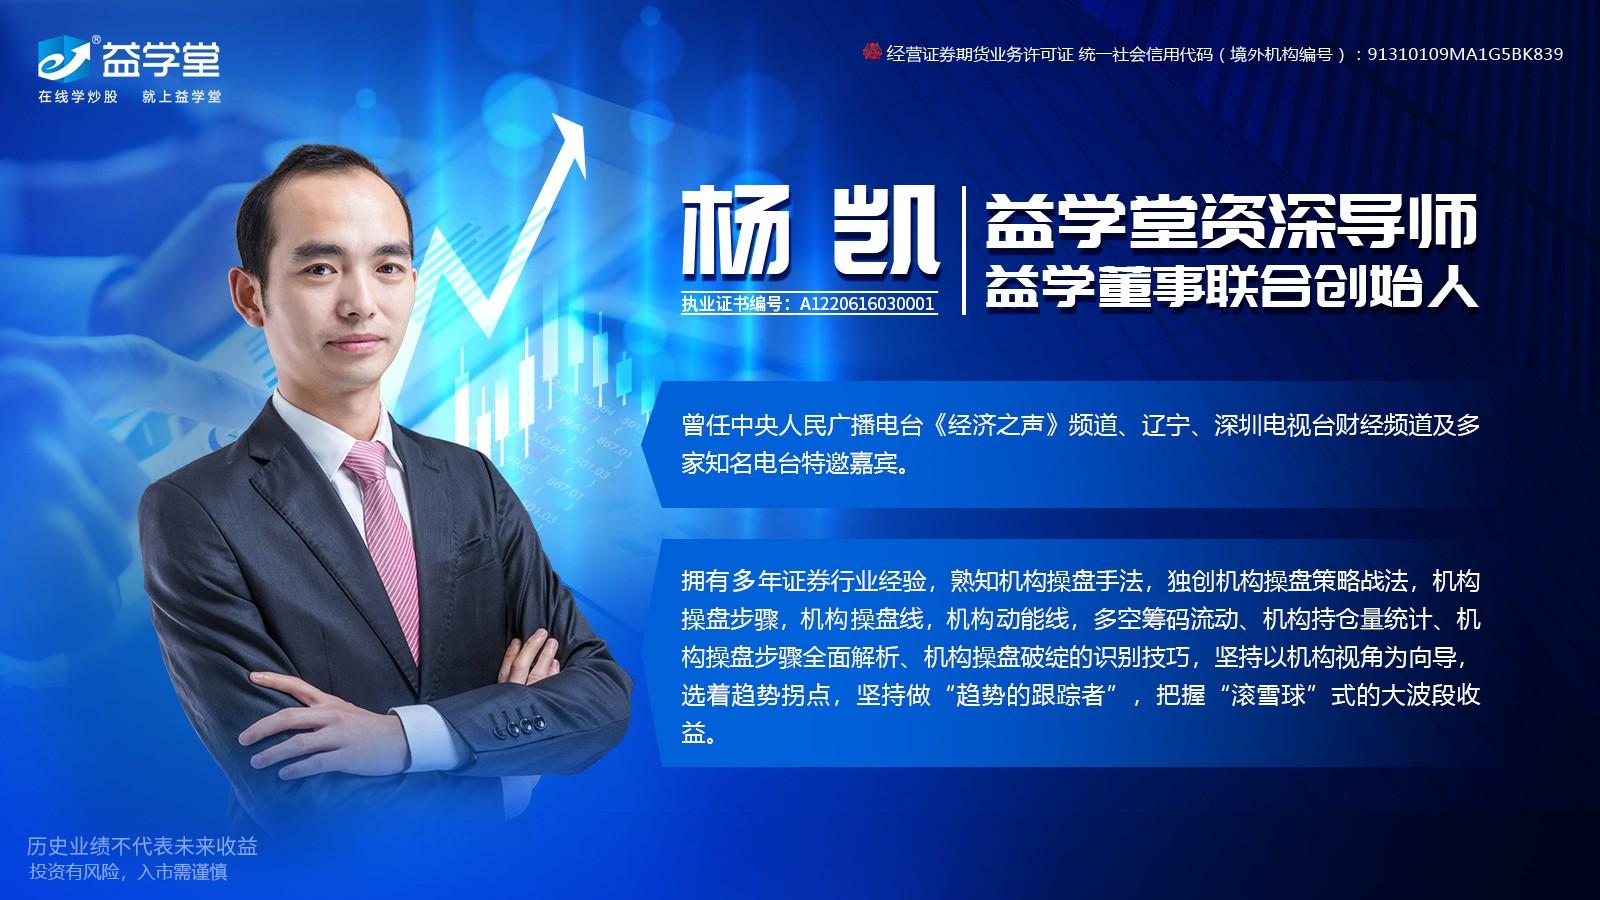 上海益学投资咨询有限公司杨凯:大批资金换股?散户切忌追高入坑